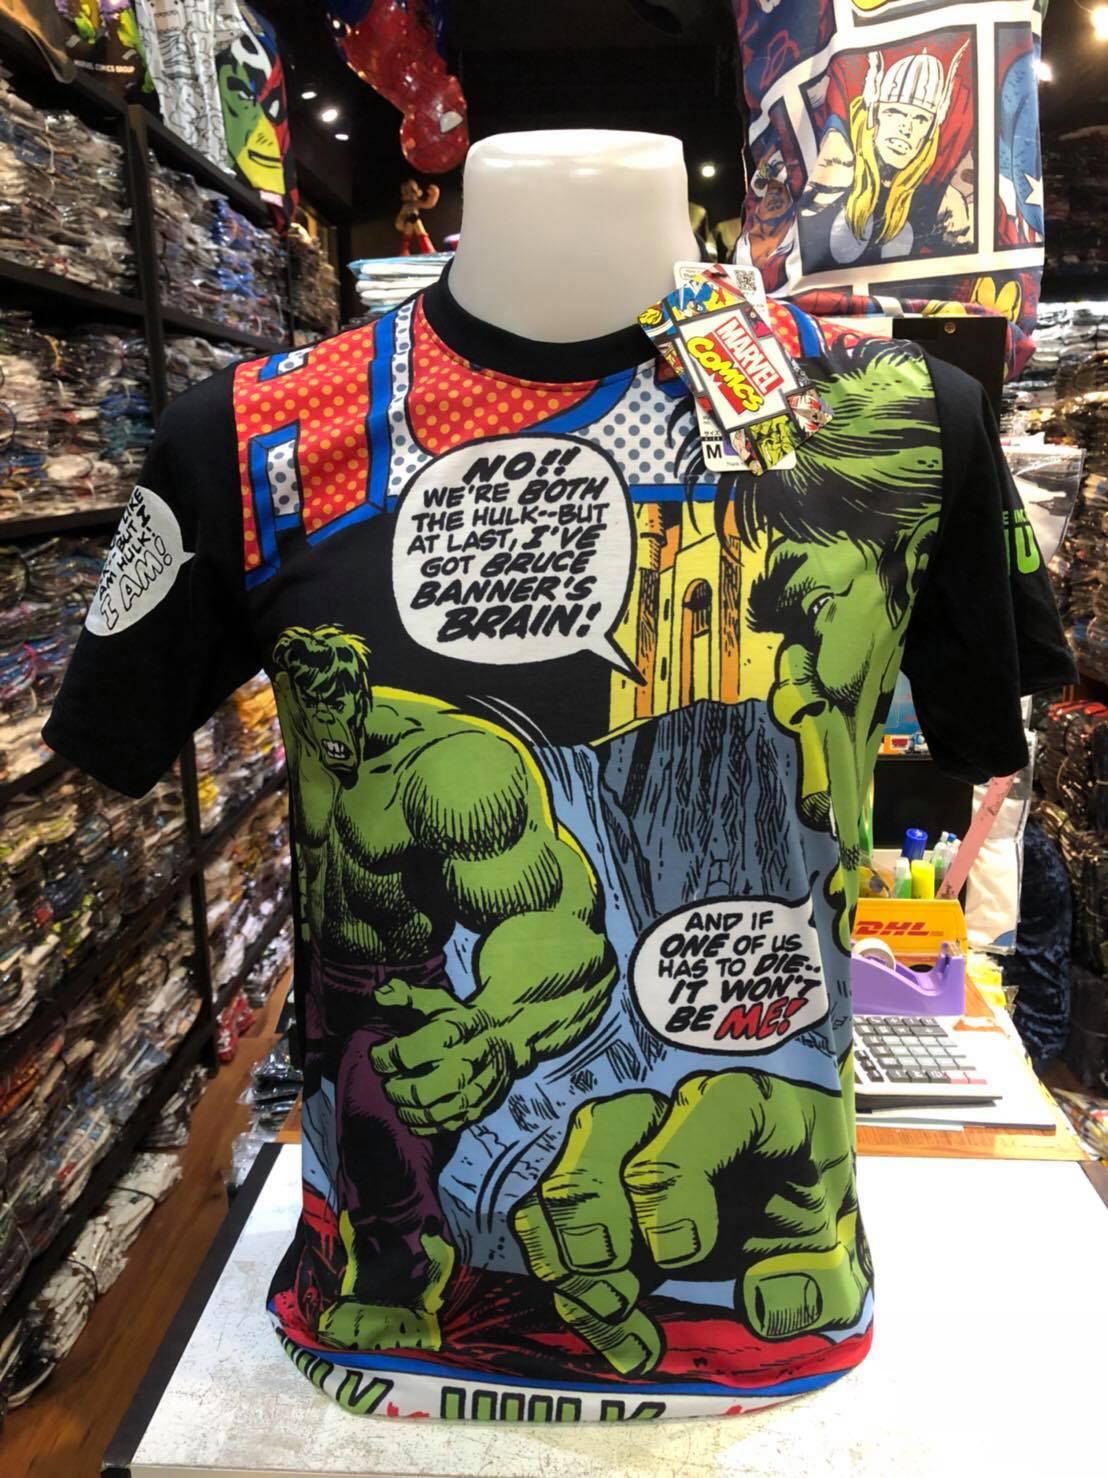 ฮัลค์ สีดำ (Hulk logo RED Comics CODE:1029)